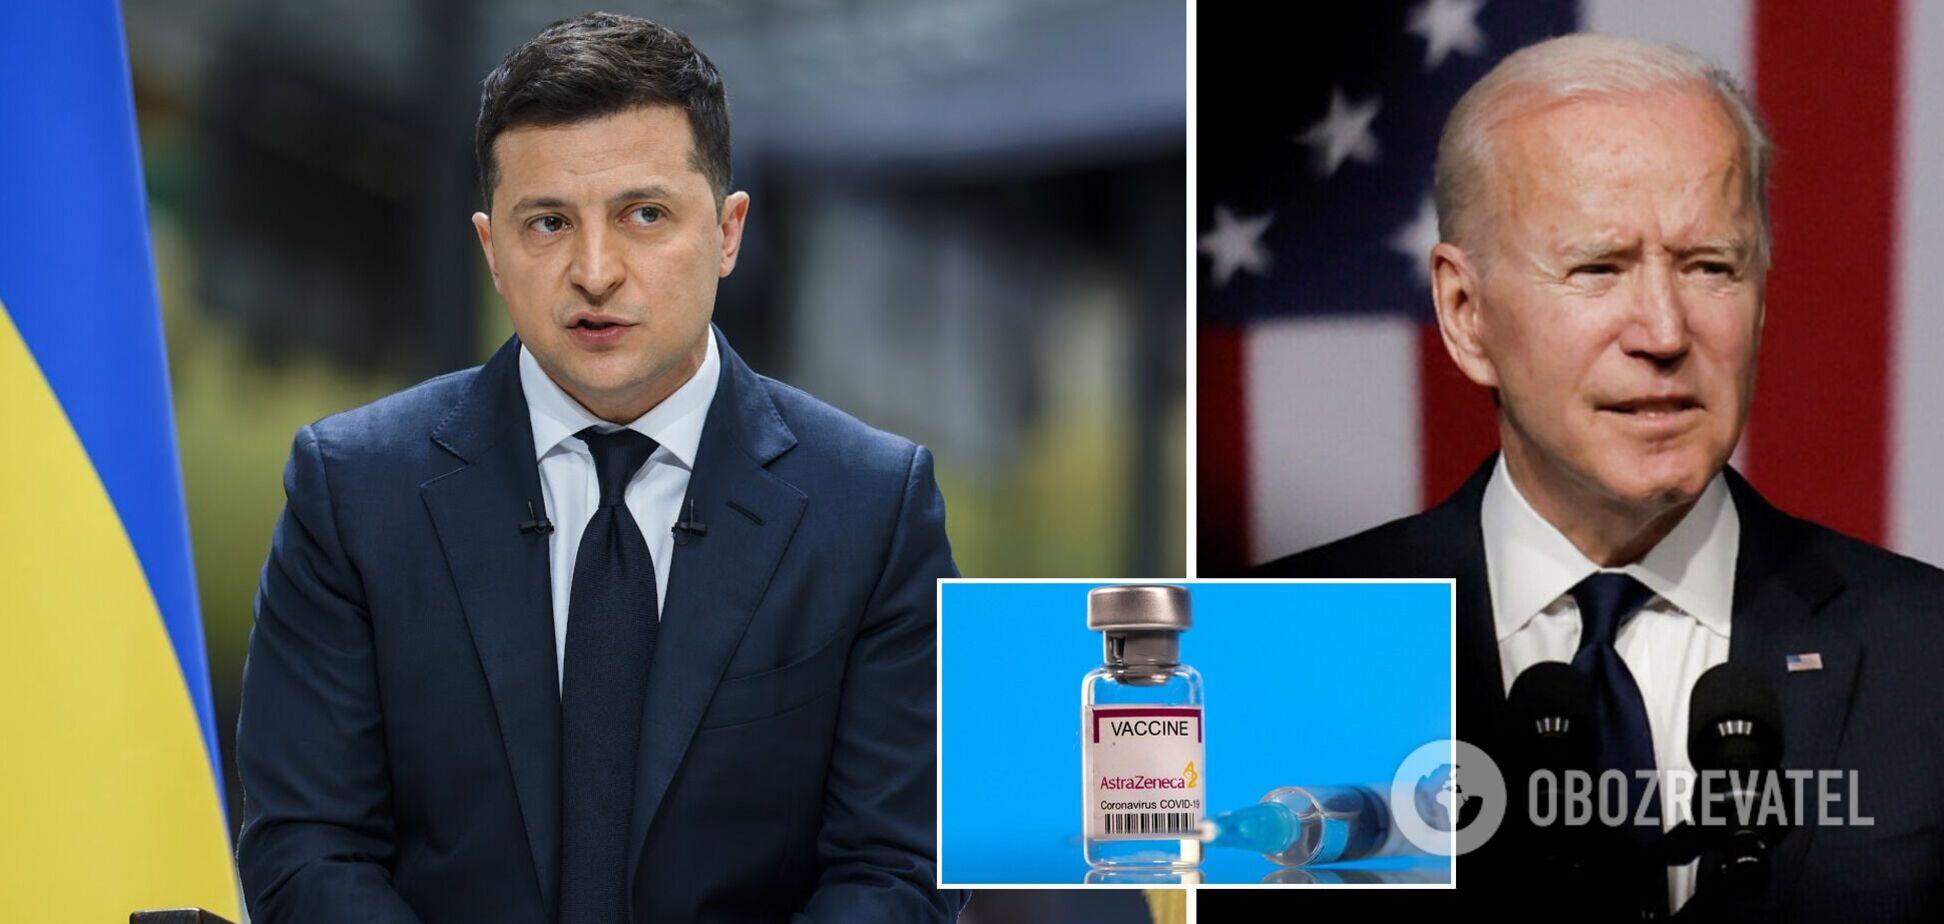 Украина получит 900 тысяч доз вакцины от США: Зеленский поблагодарил Байдена за 'преданность'